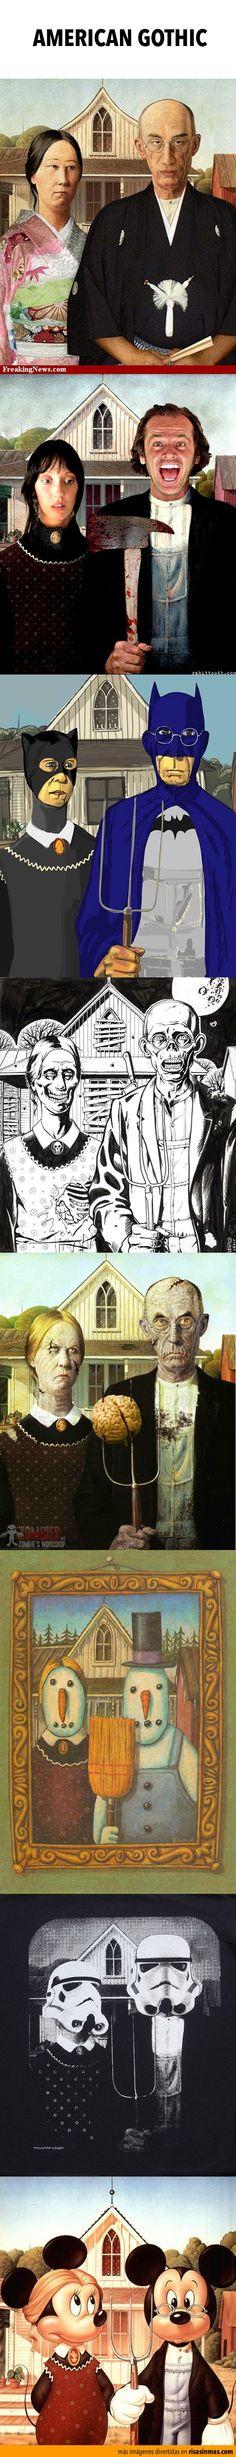 Recopilación de American Gothic.